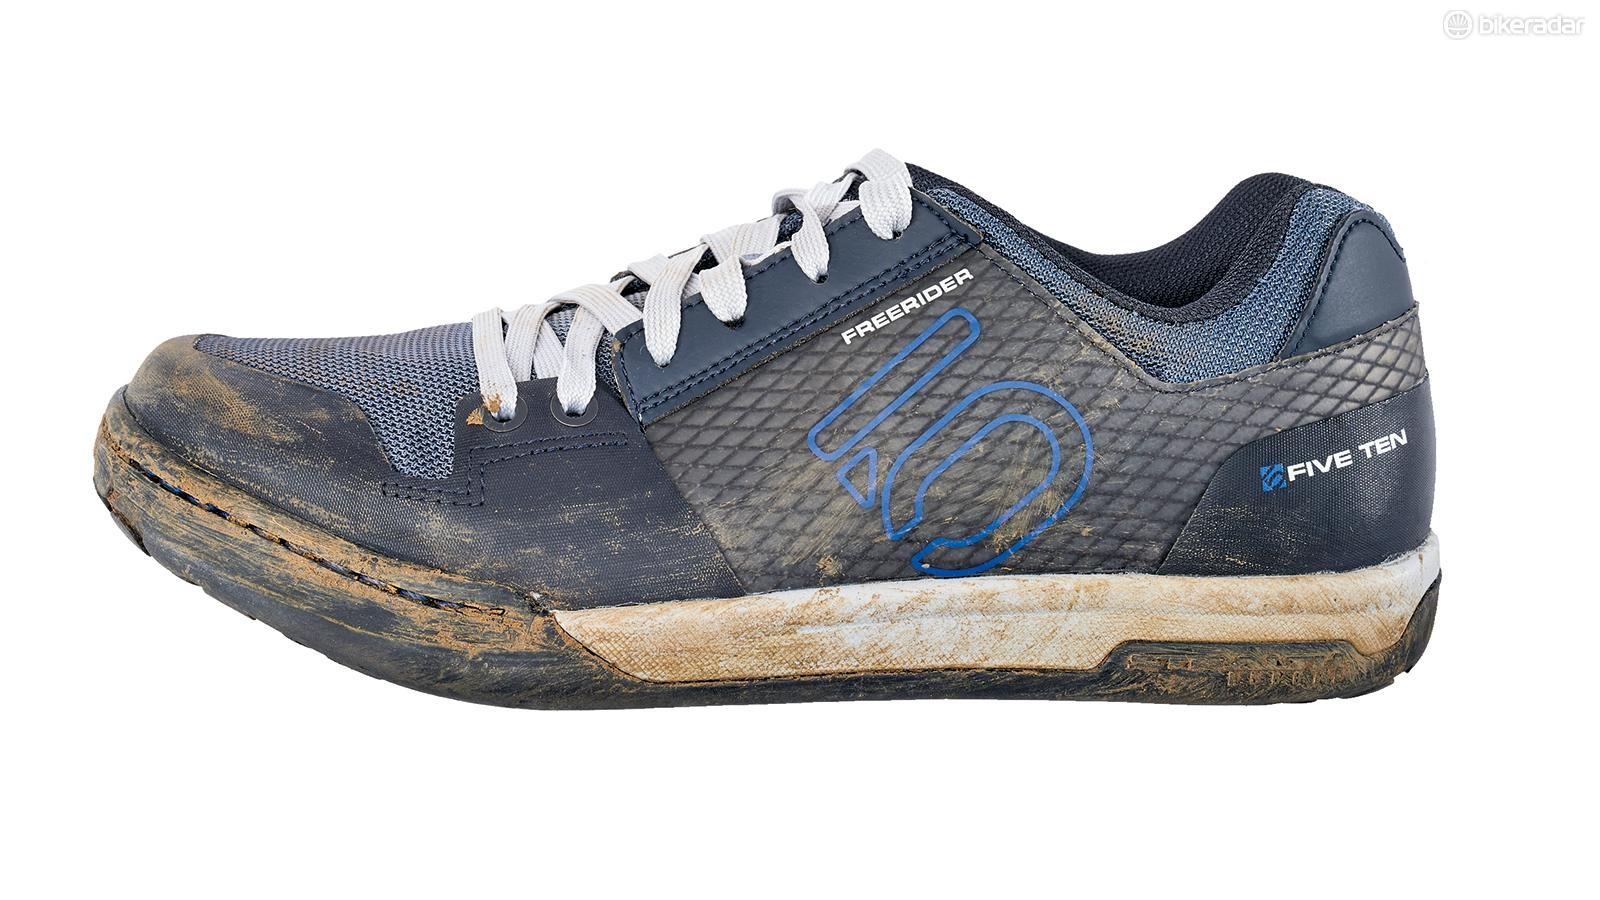 Five Ten's Freerider Contact MTB shoe